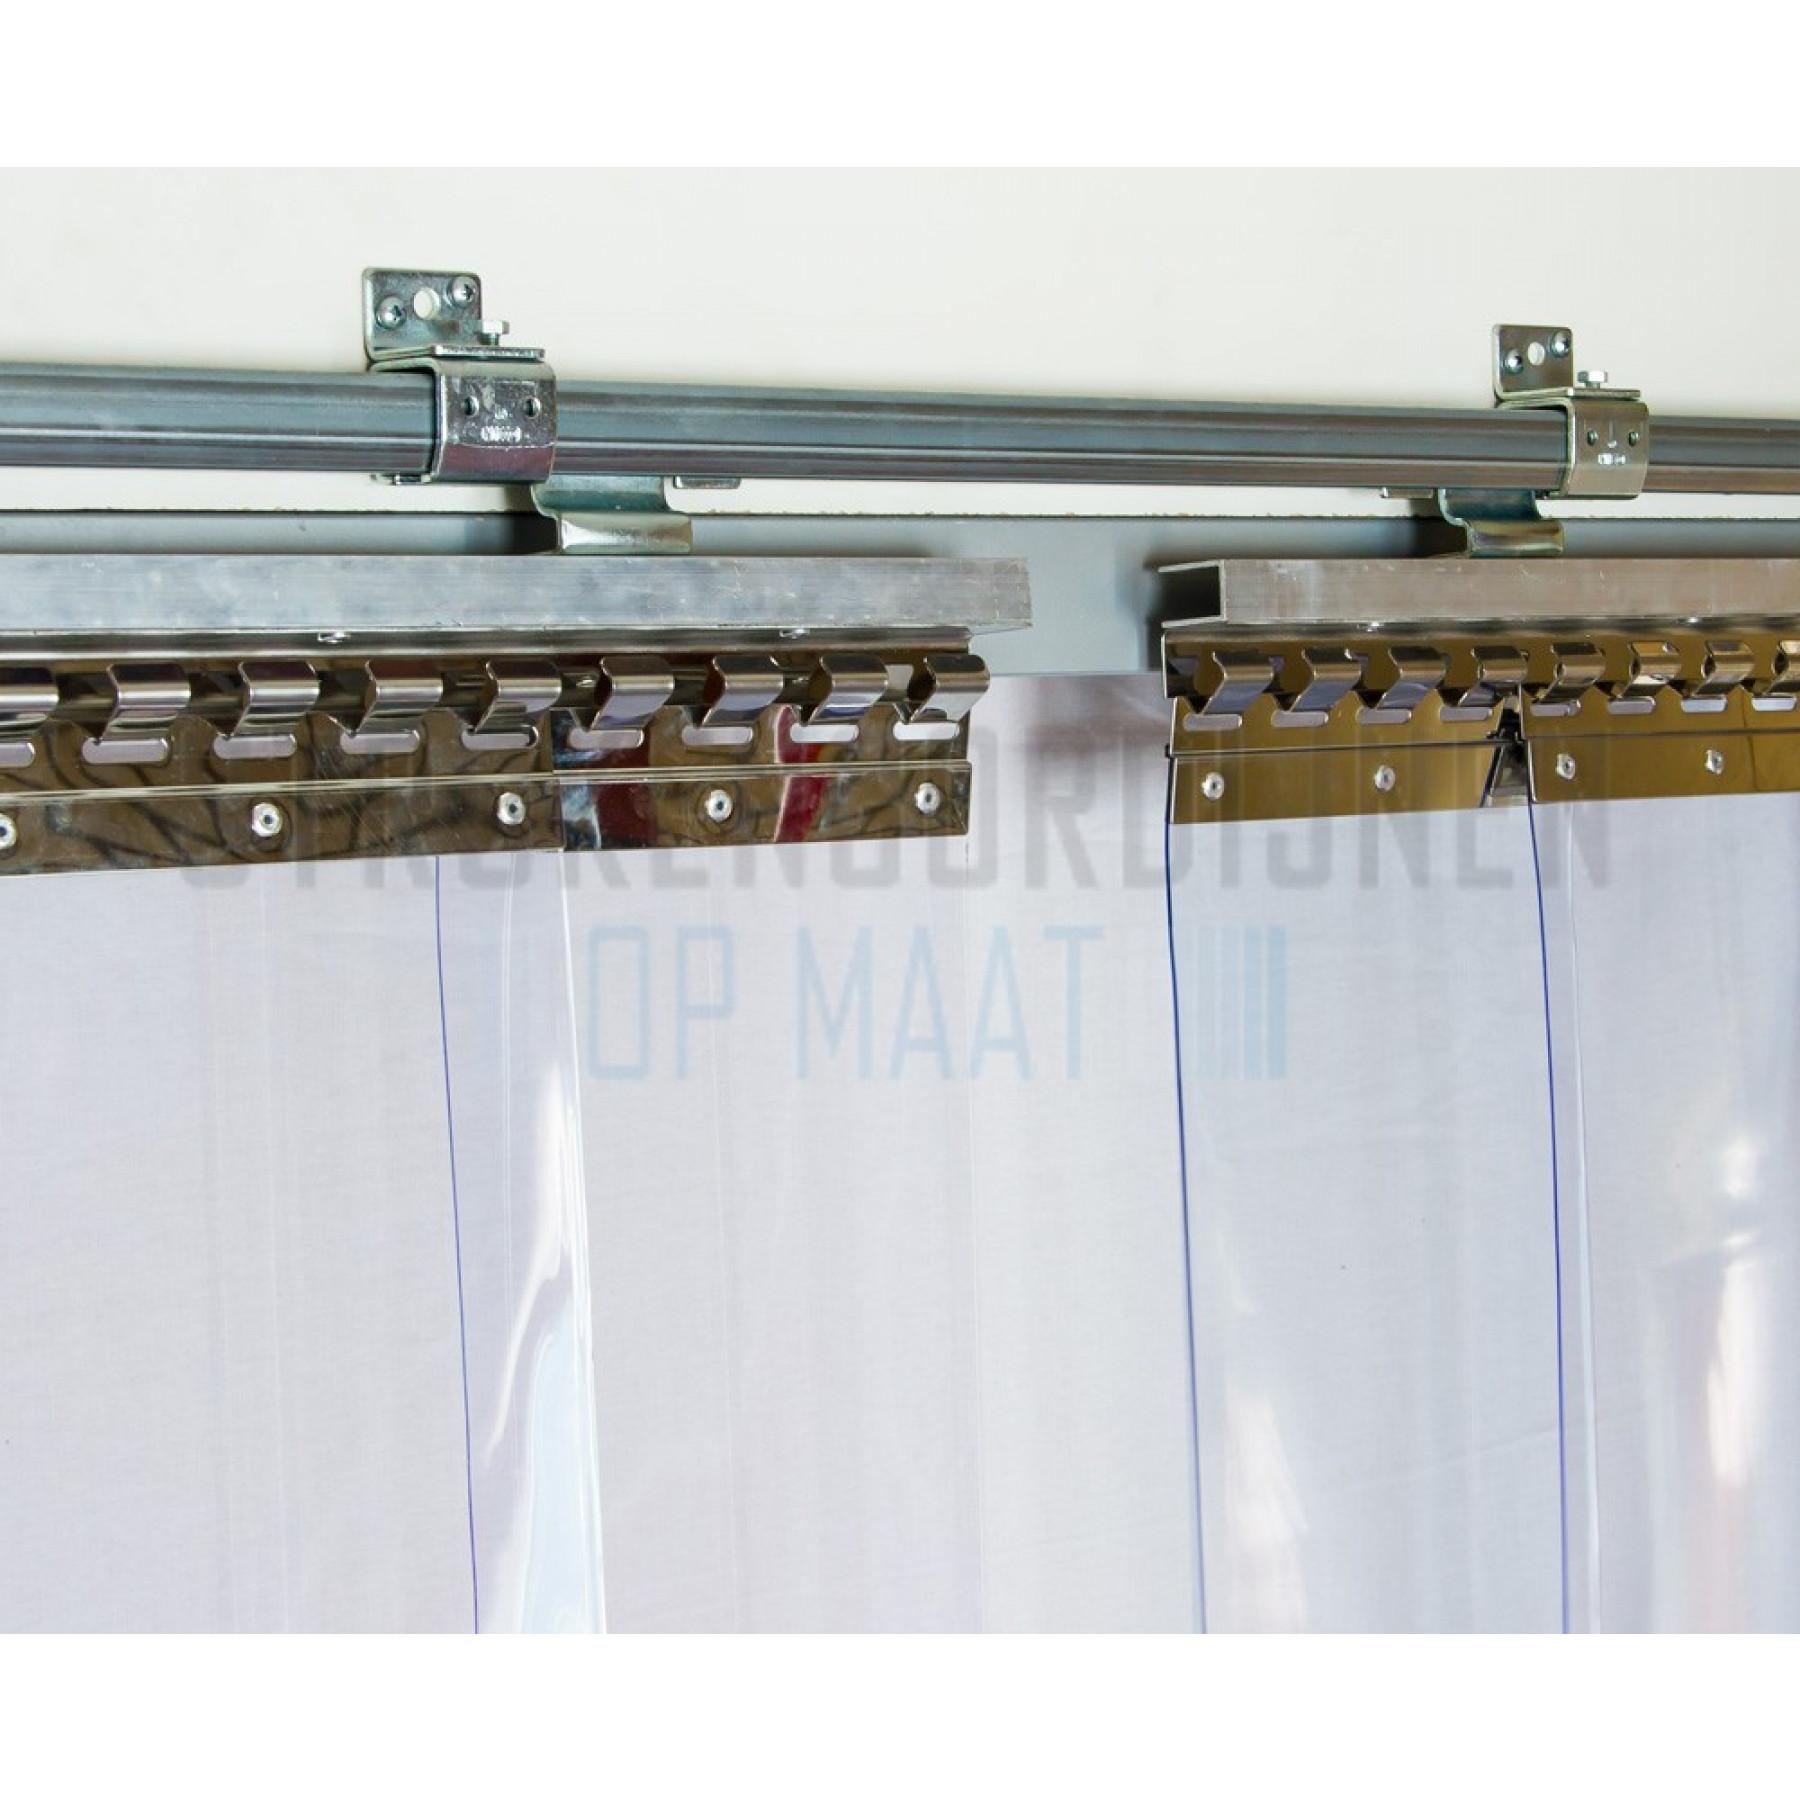 Hakenleiste für die verstellbare Schiene, Wandmontage